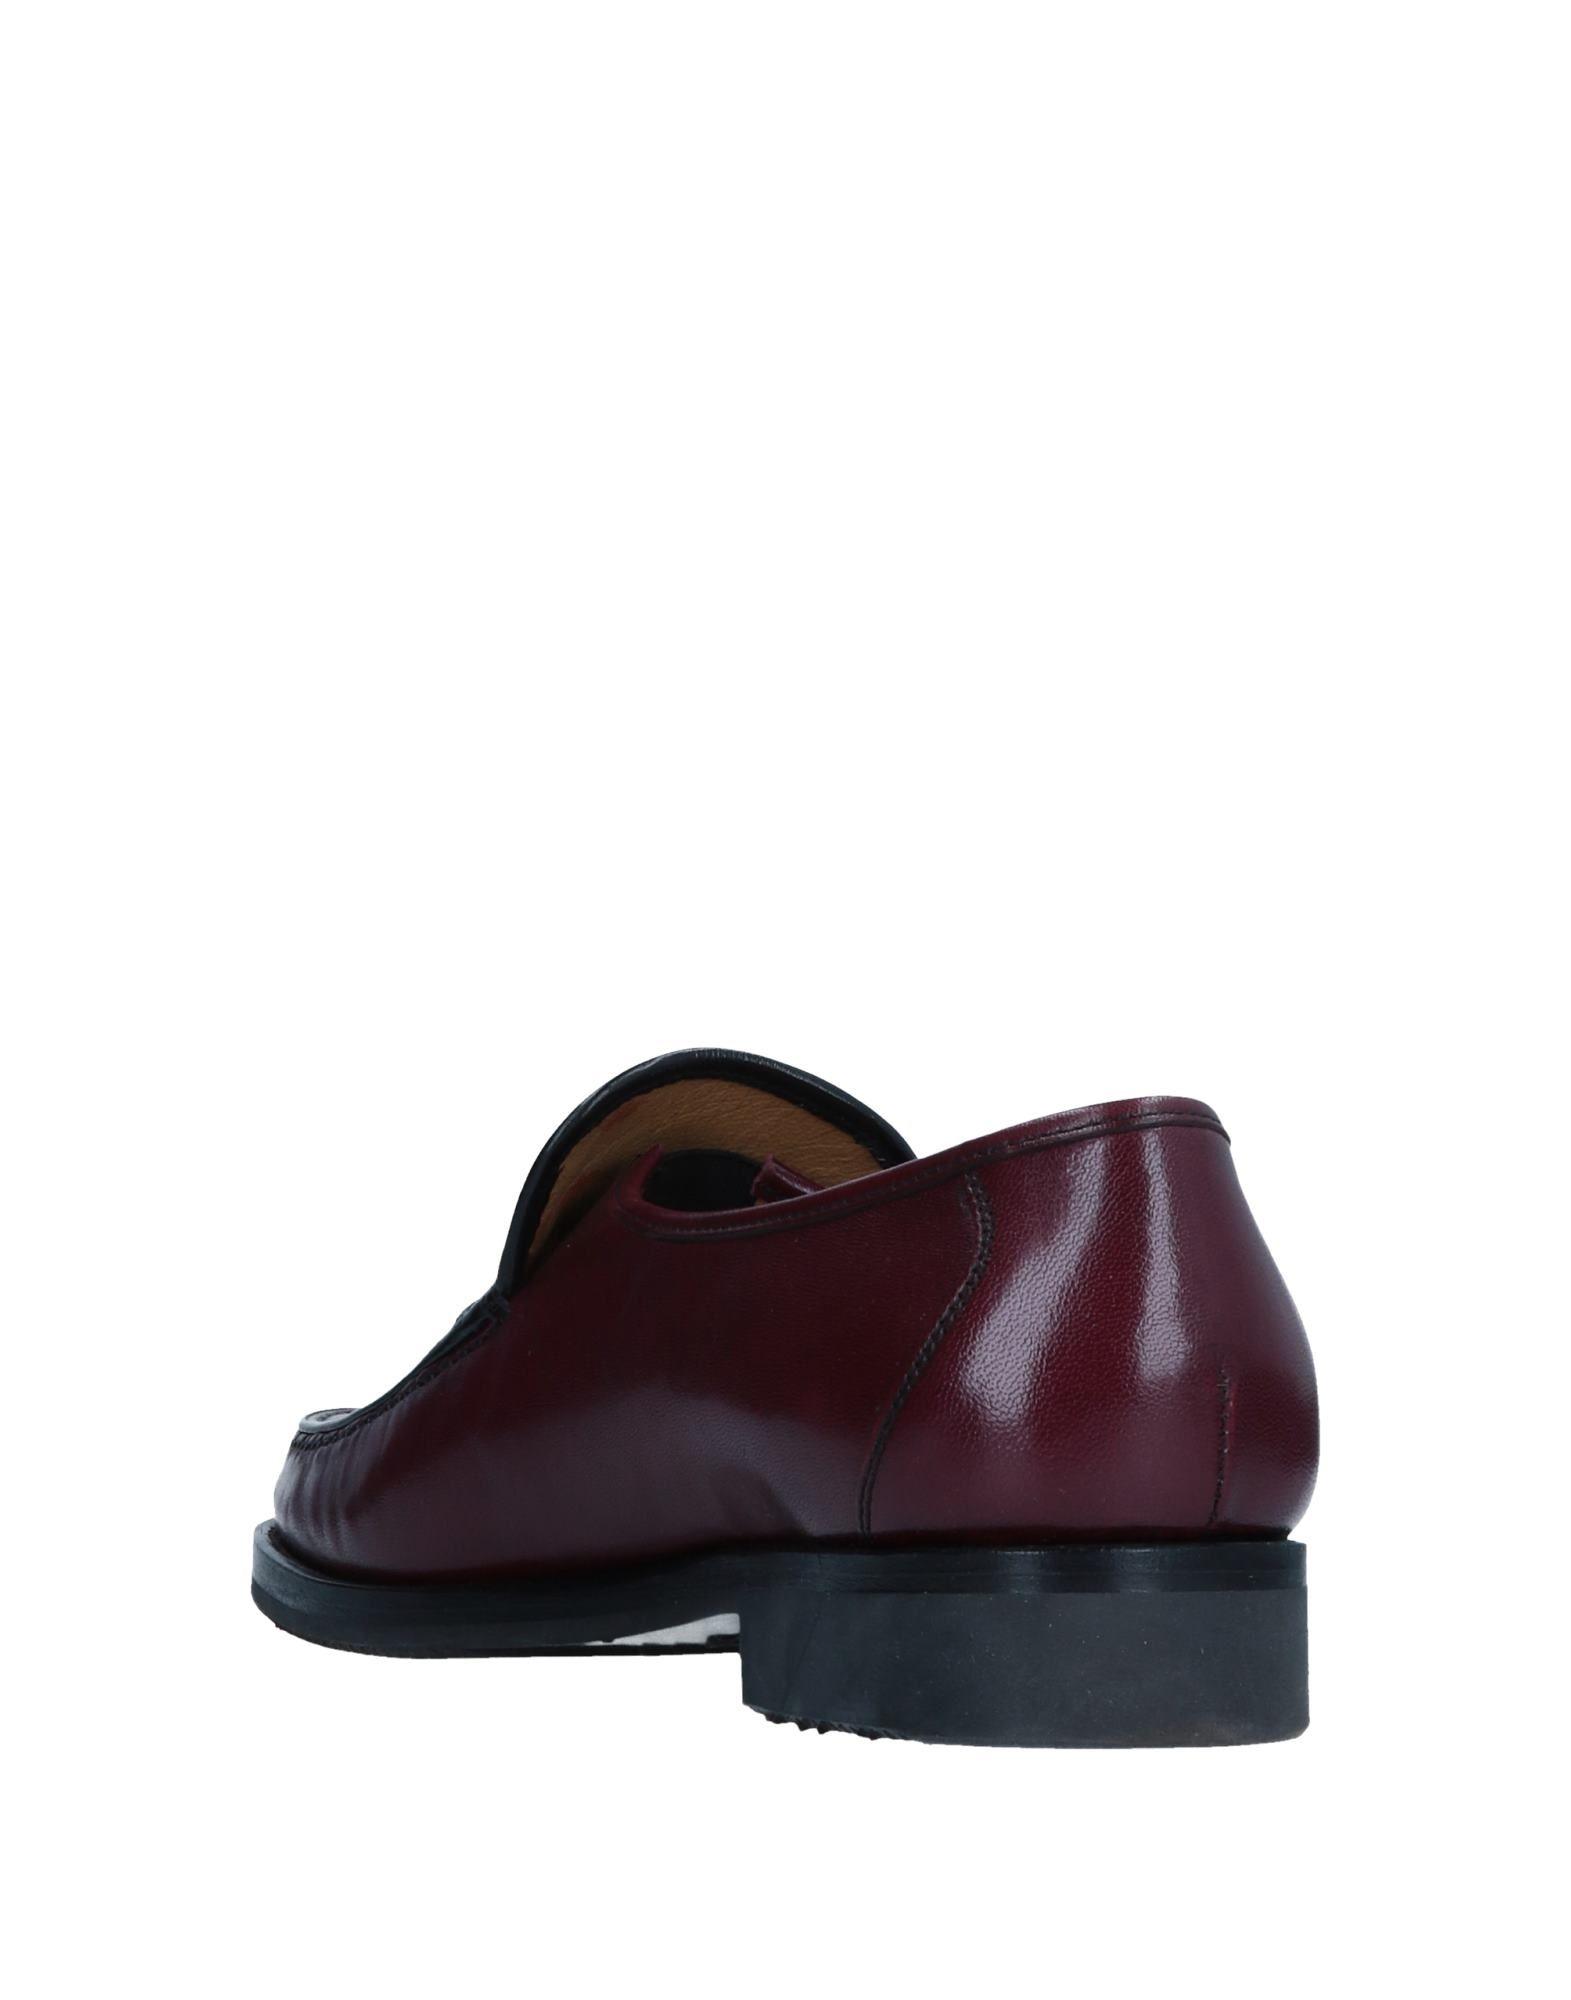 Rabatt echte Mokassins Schuhe Calzaturificio Olimpo's Mokassins echte Herren  11557812DD f3ef95